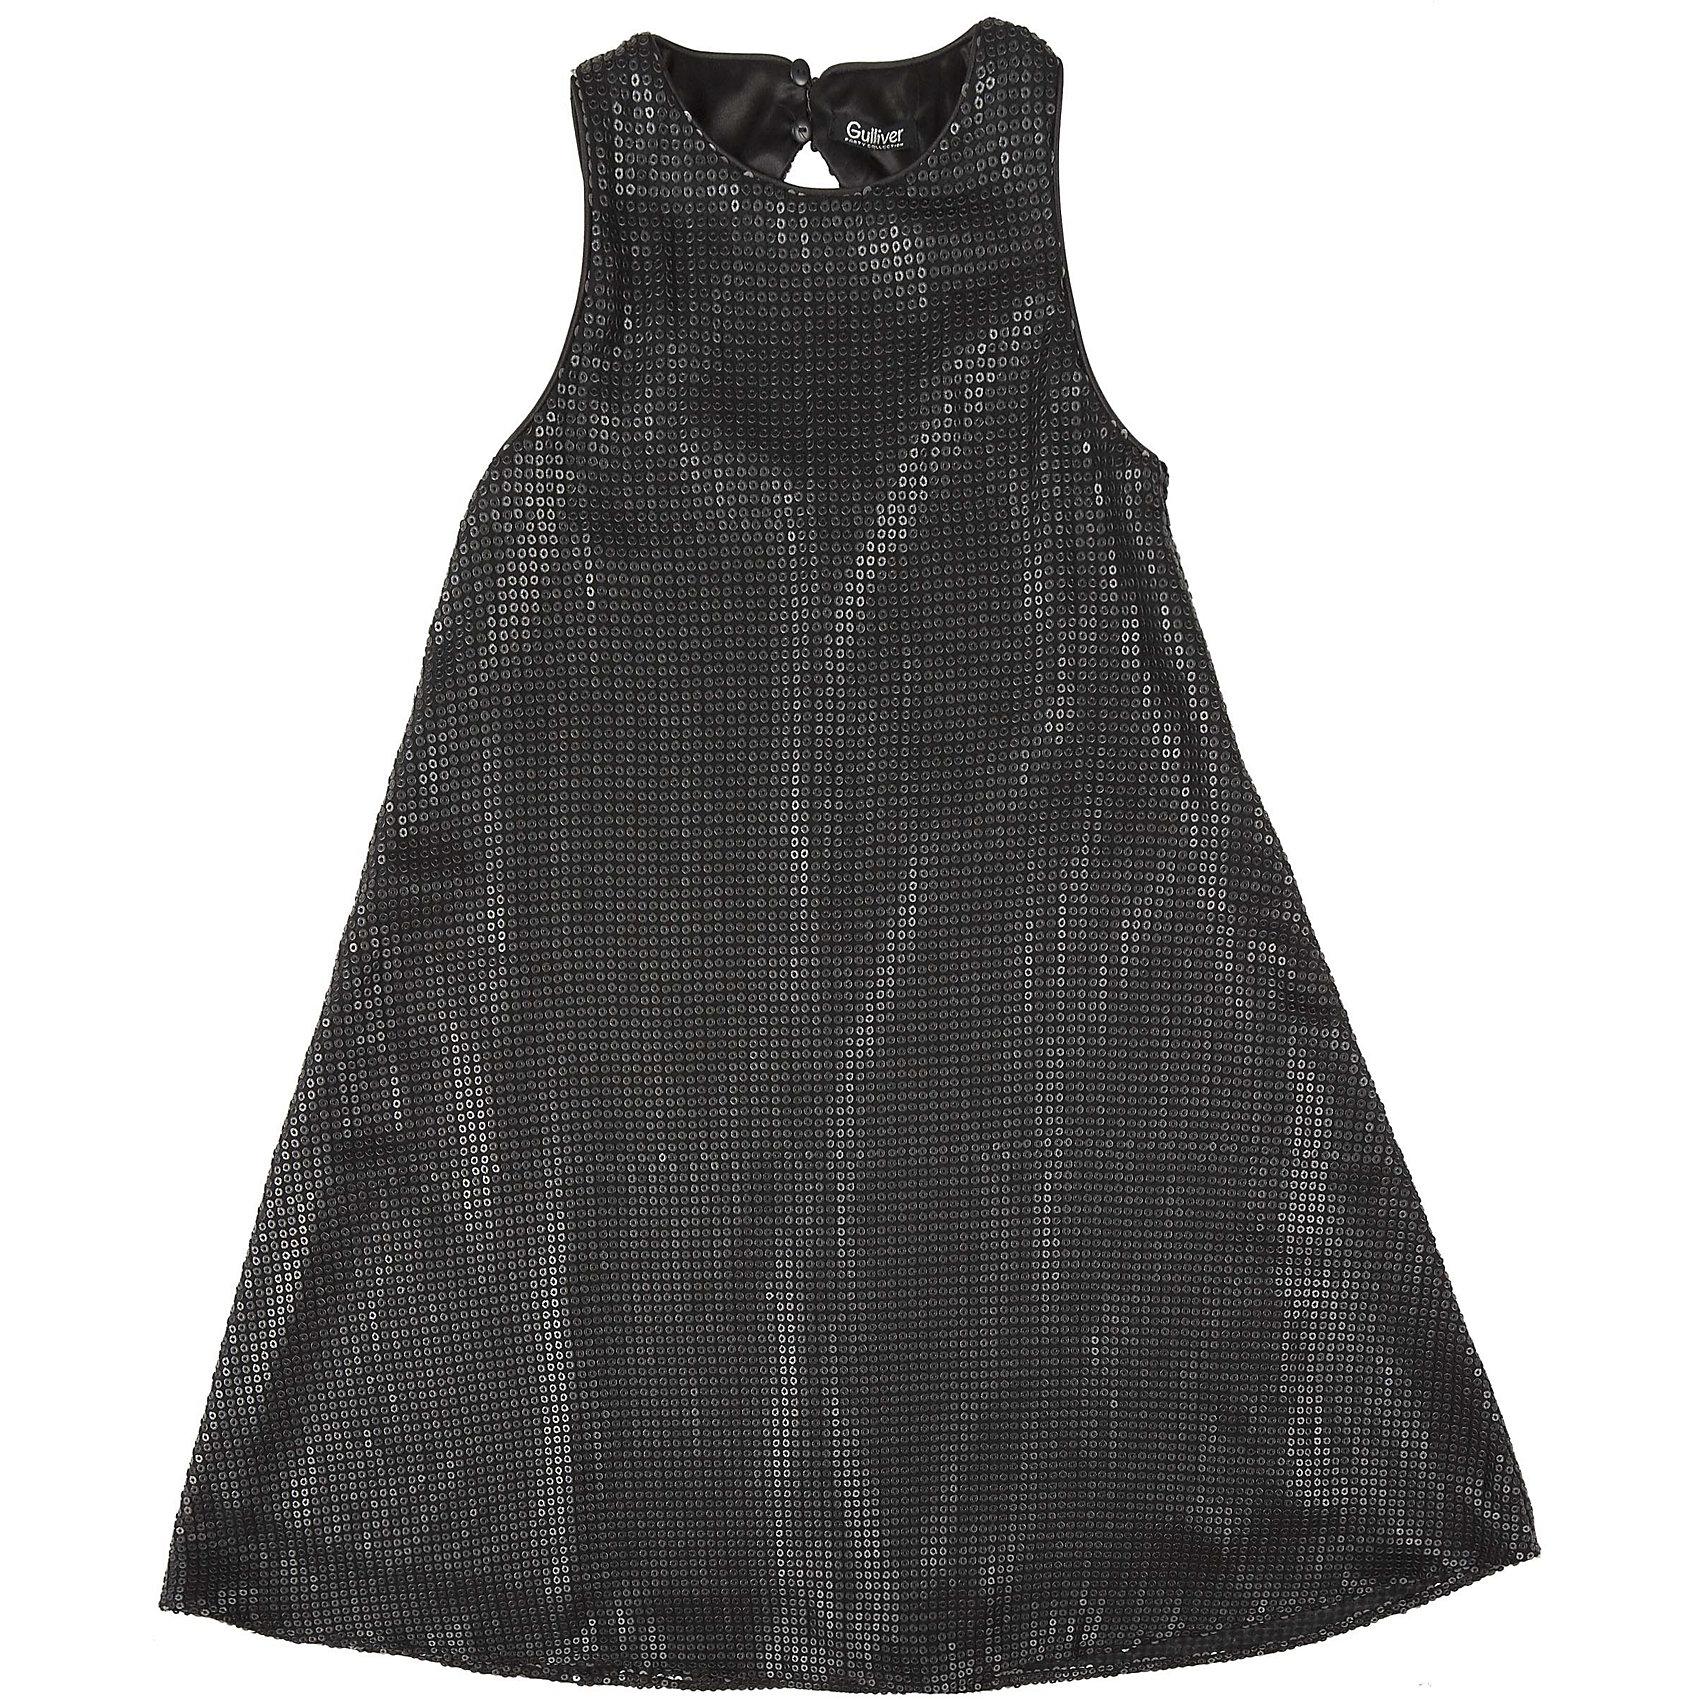 Нарядное платье для девочки GulliverОдежда<br>Платье для девочки от известного бренда Gulliver.<br>Легкое  трапециевидное платье из черных пайеток смотрится безупречно! Деликатный блеск, идеальная форма модели - такими и должны быть модные нарядные платья без лишнего пафоса.<br>Состав:<br>верх: 100% полиэстер; подкладка: 100% полиэстер<br><br>Ширина мм: 236<br>Глубина мм: 16<br>Высота мм: 184<br>Вес г: 177<br>Цвет: серый<br>Возраст от месяцев: 132<br>Возраст до месяцев: 144<br>Пол: Женский<br>Возраст: Детский<br>Размер: 152,158,164,146<br>SKU: 5103539